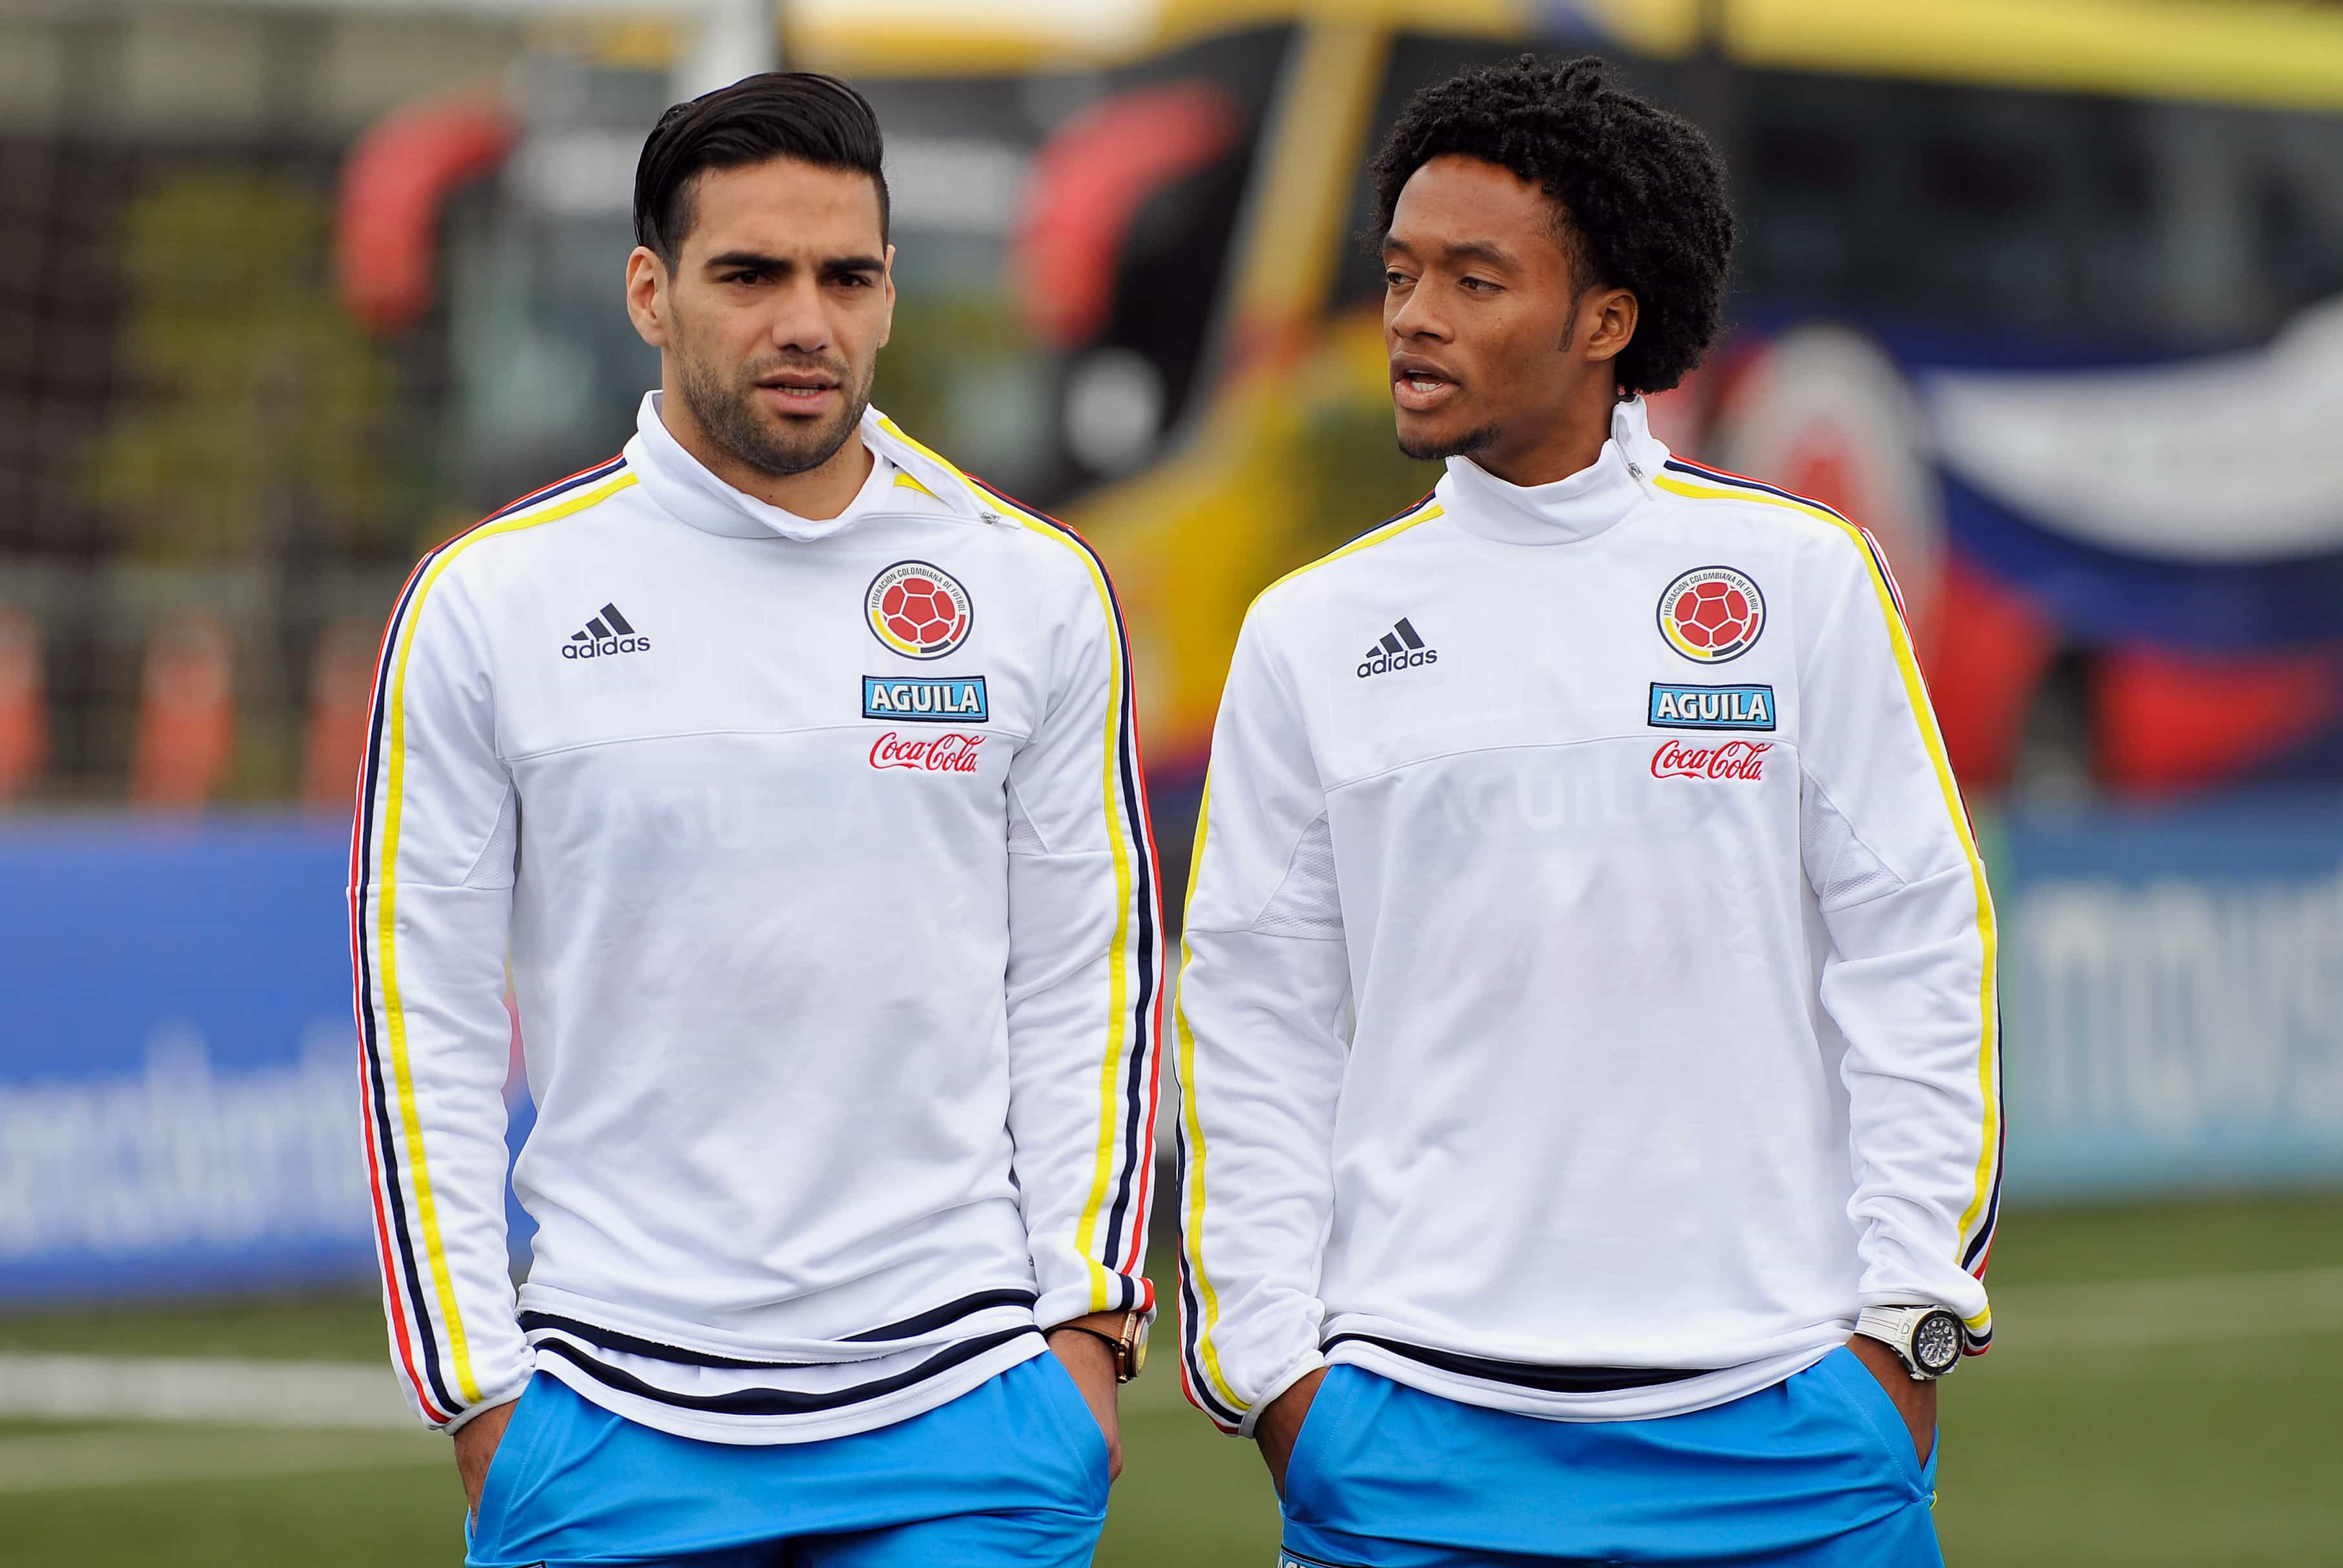 De compañeros en Colombia a rivales en Europa